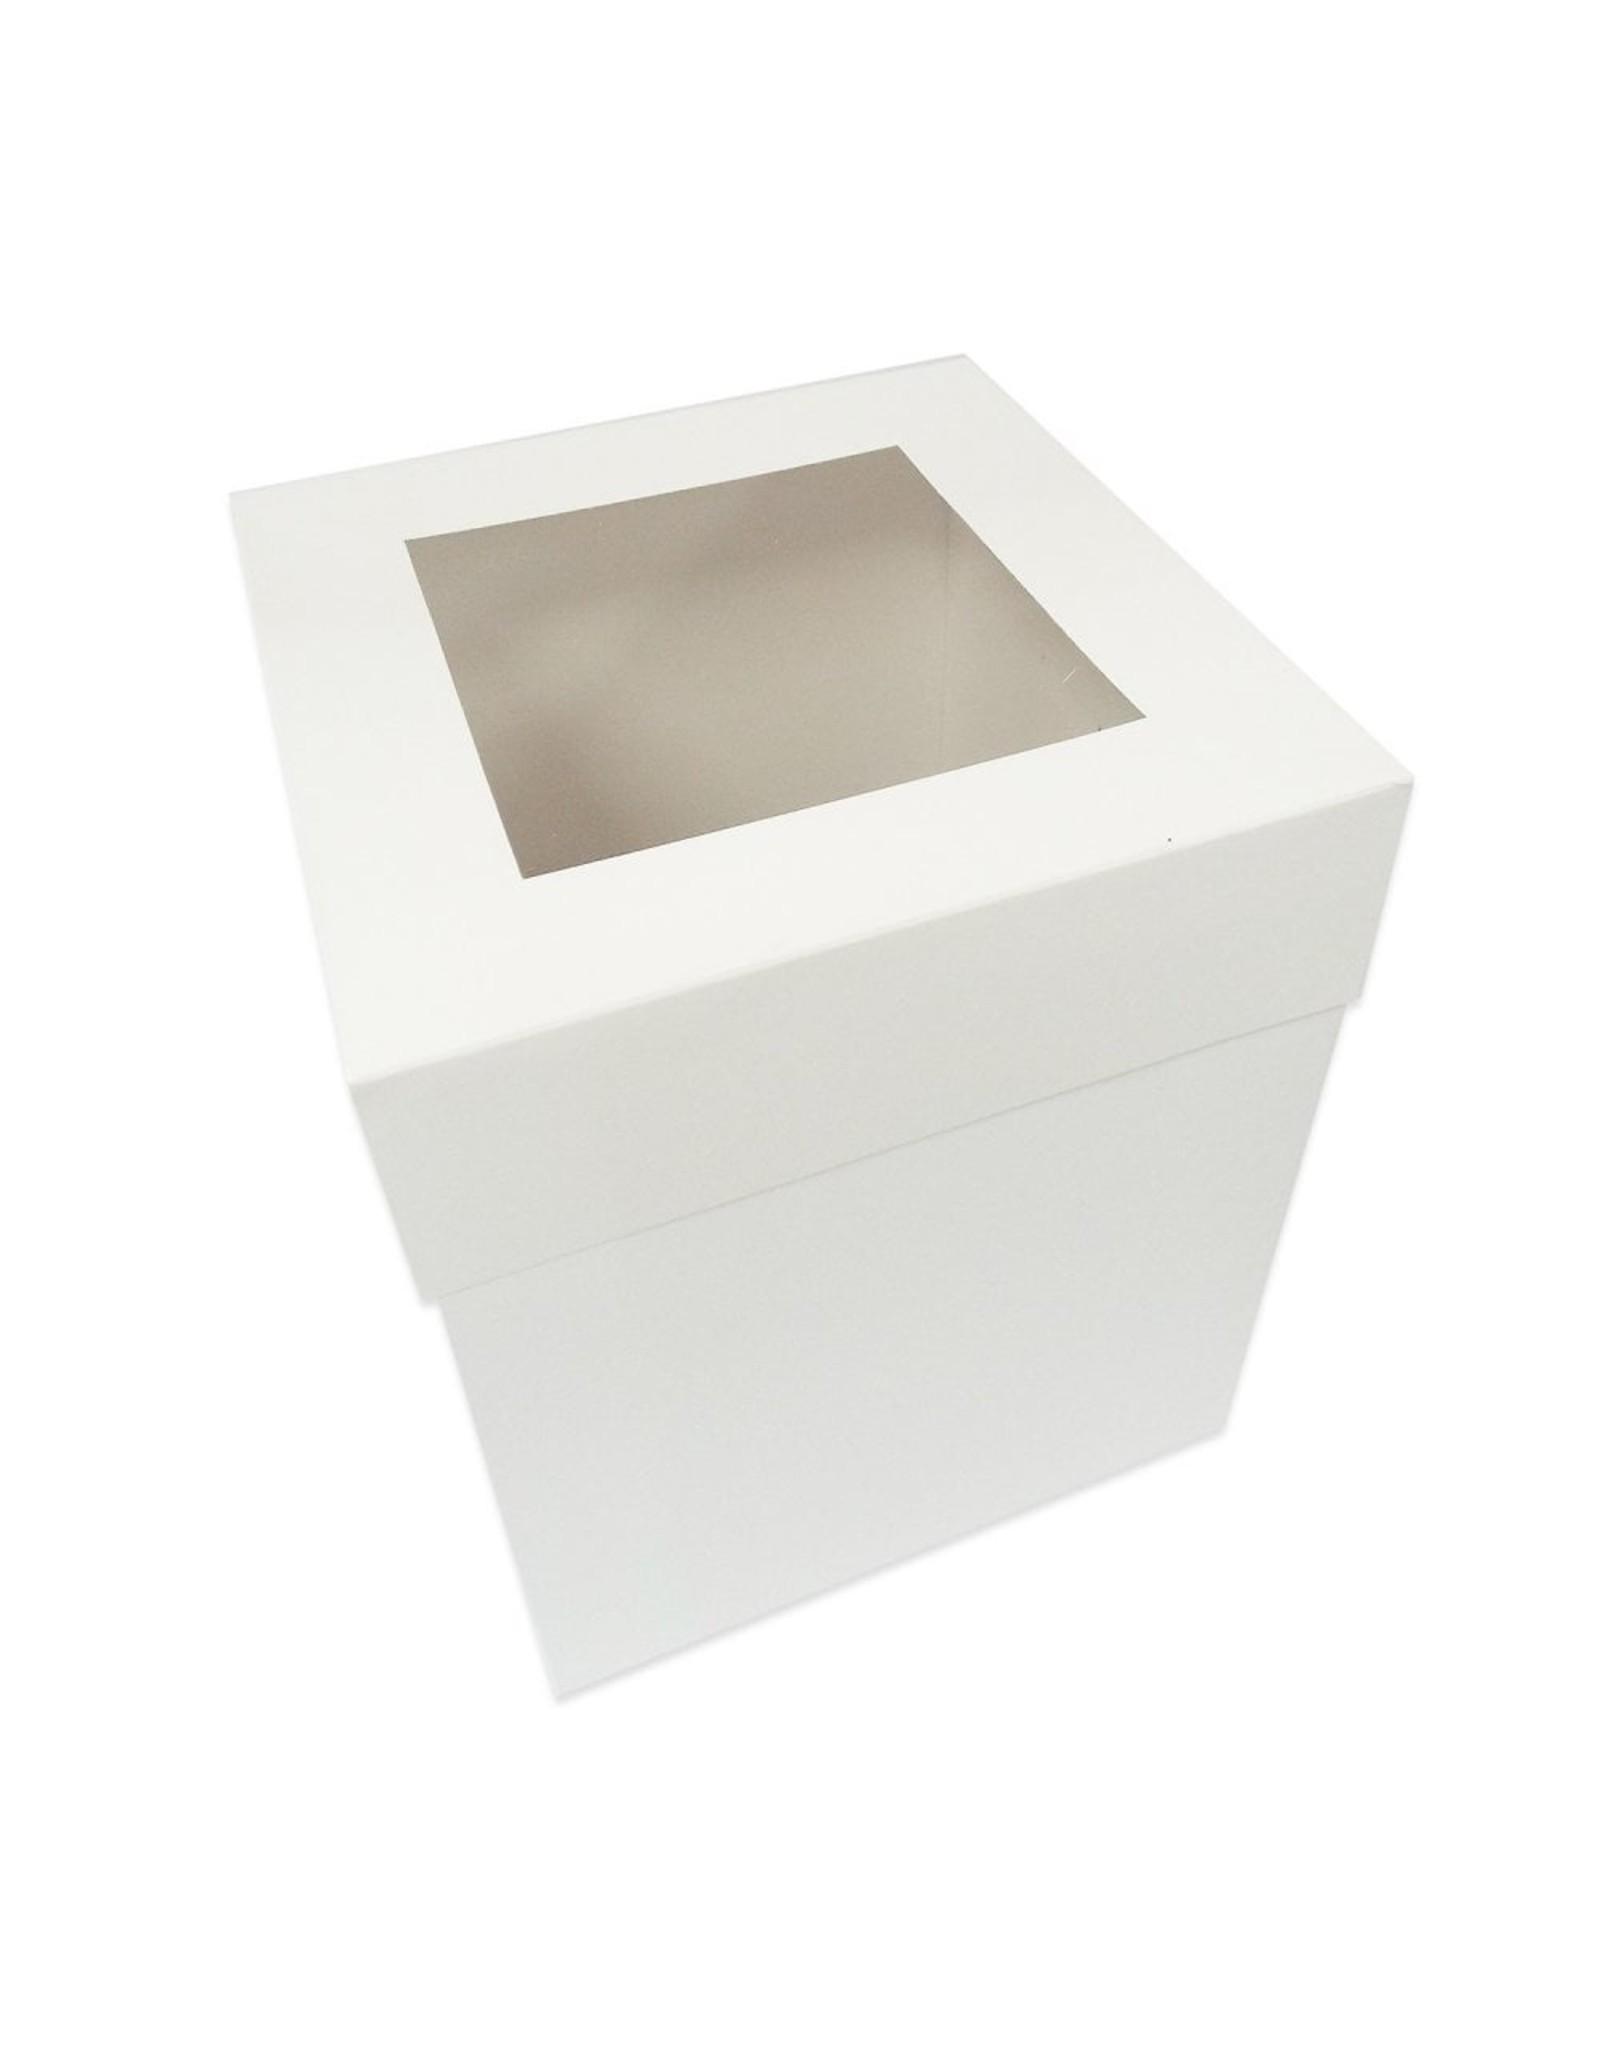 Tall cake box - 406 x 406 x 300 mm (per 50 pieces)